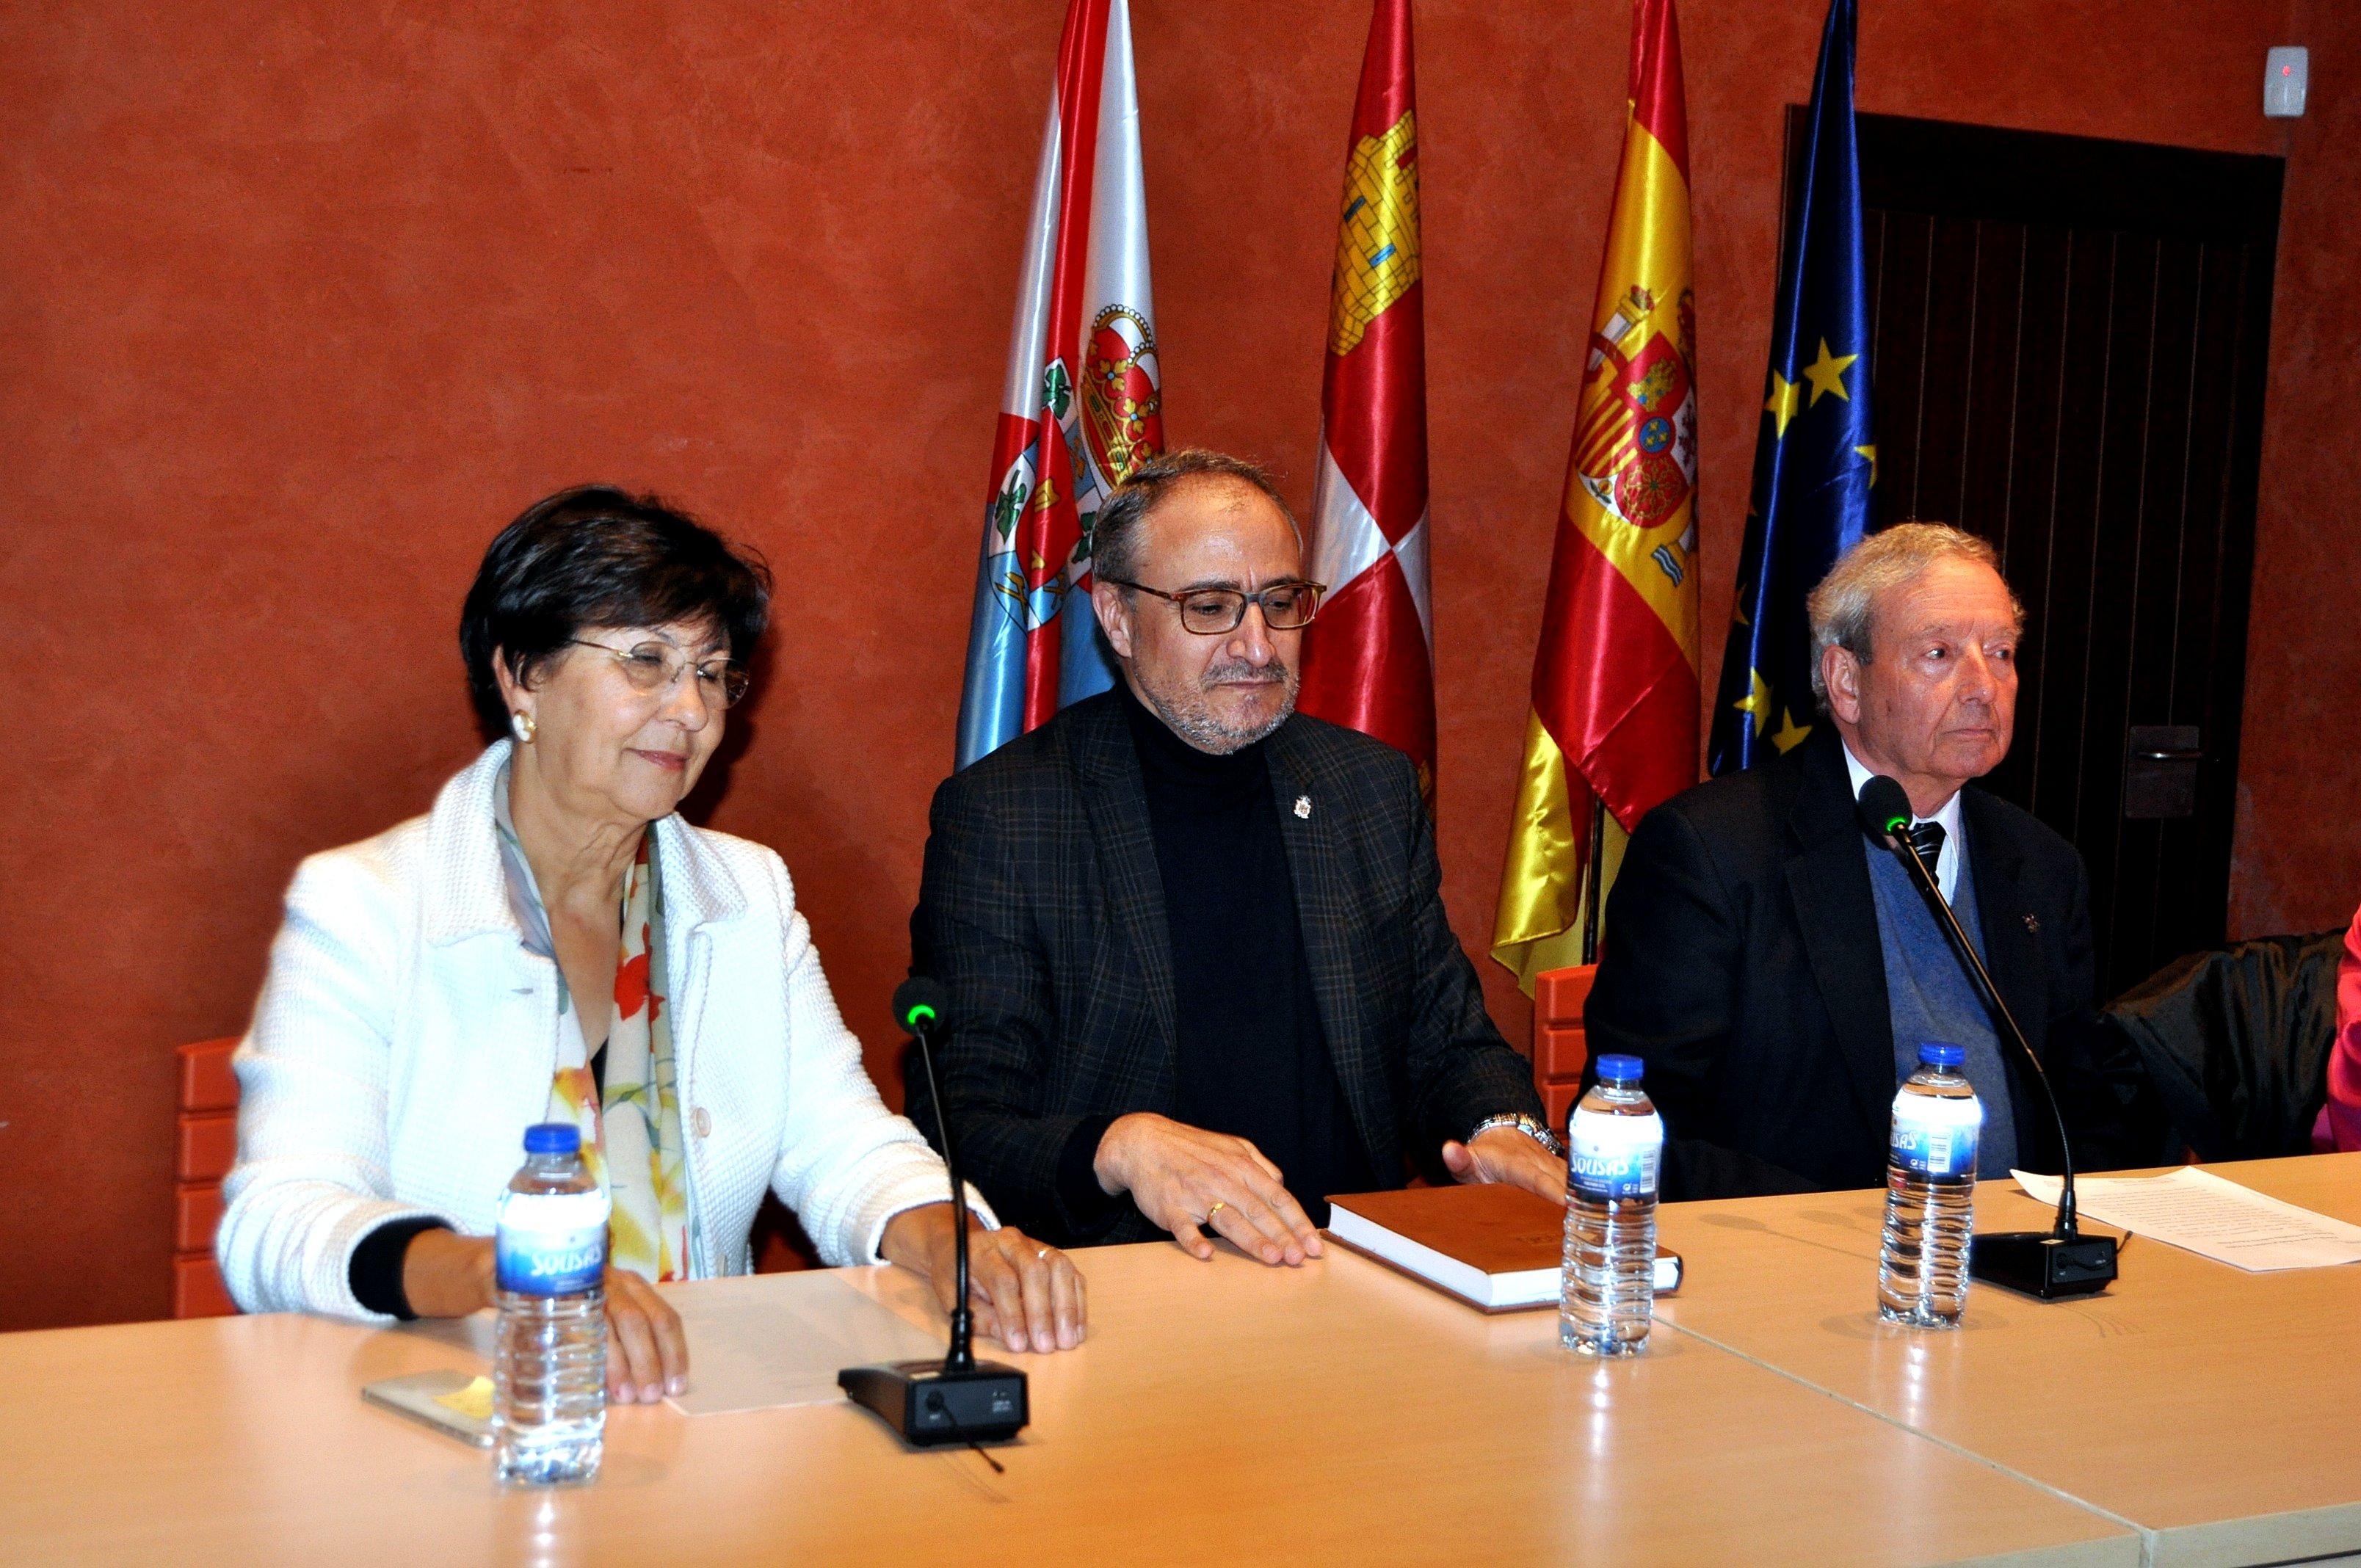 Mar, Marcelino Fernández y Olegario Ramón, alcalde de Ponferrada, presiden el acto.